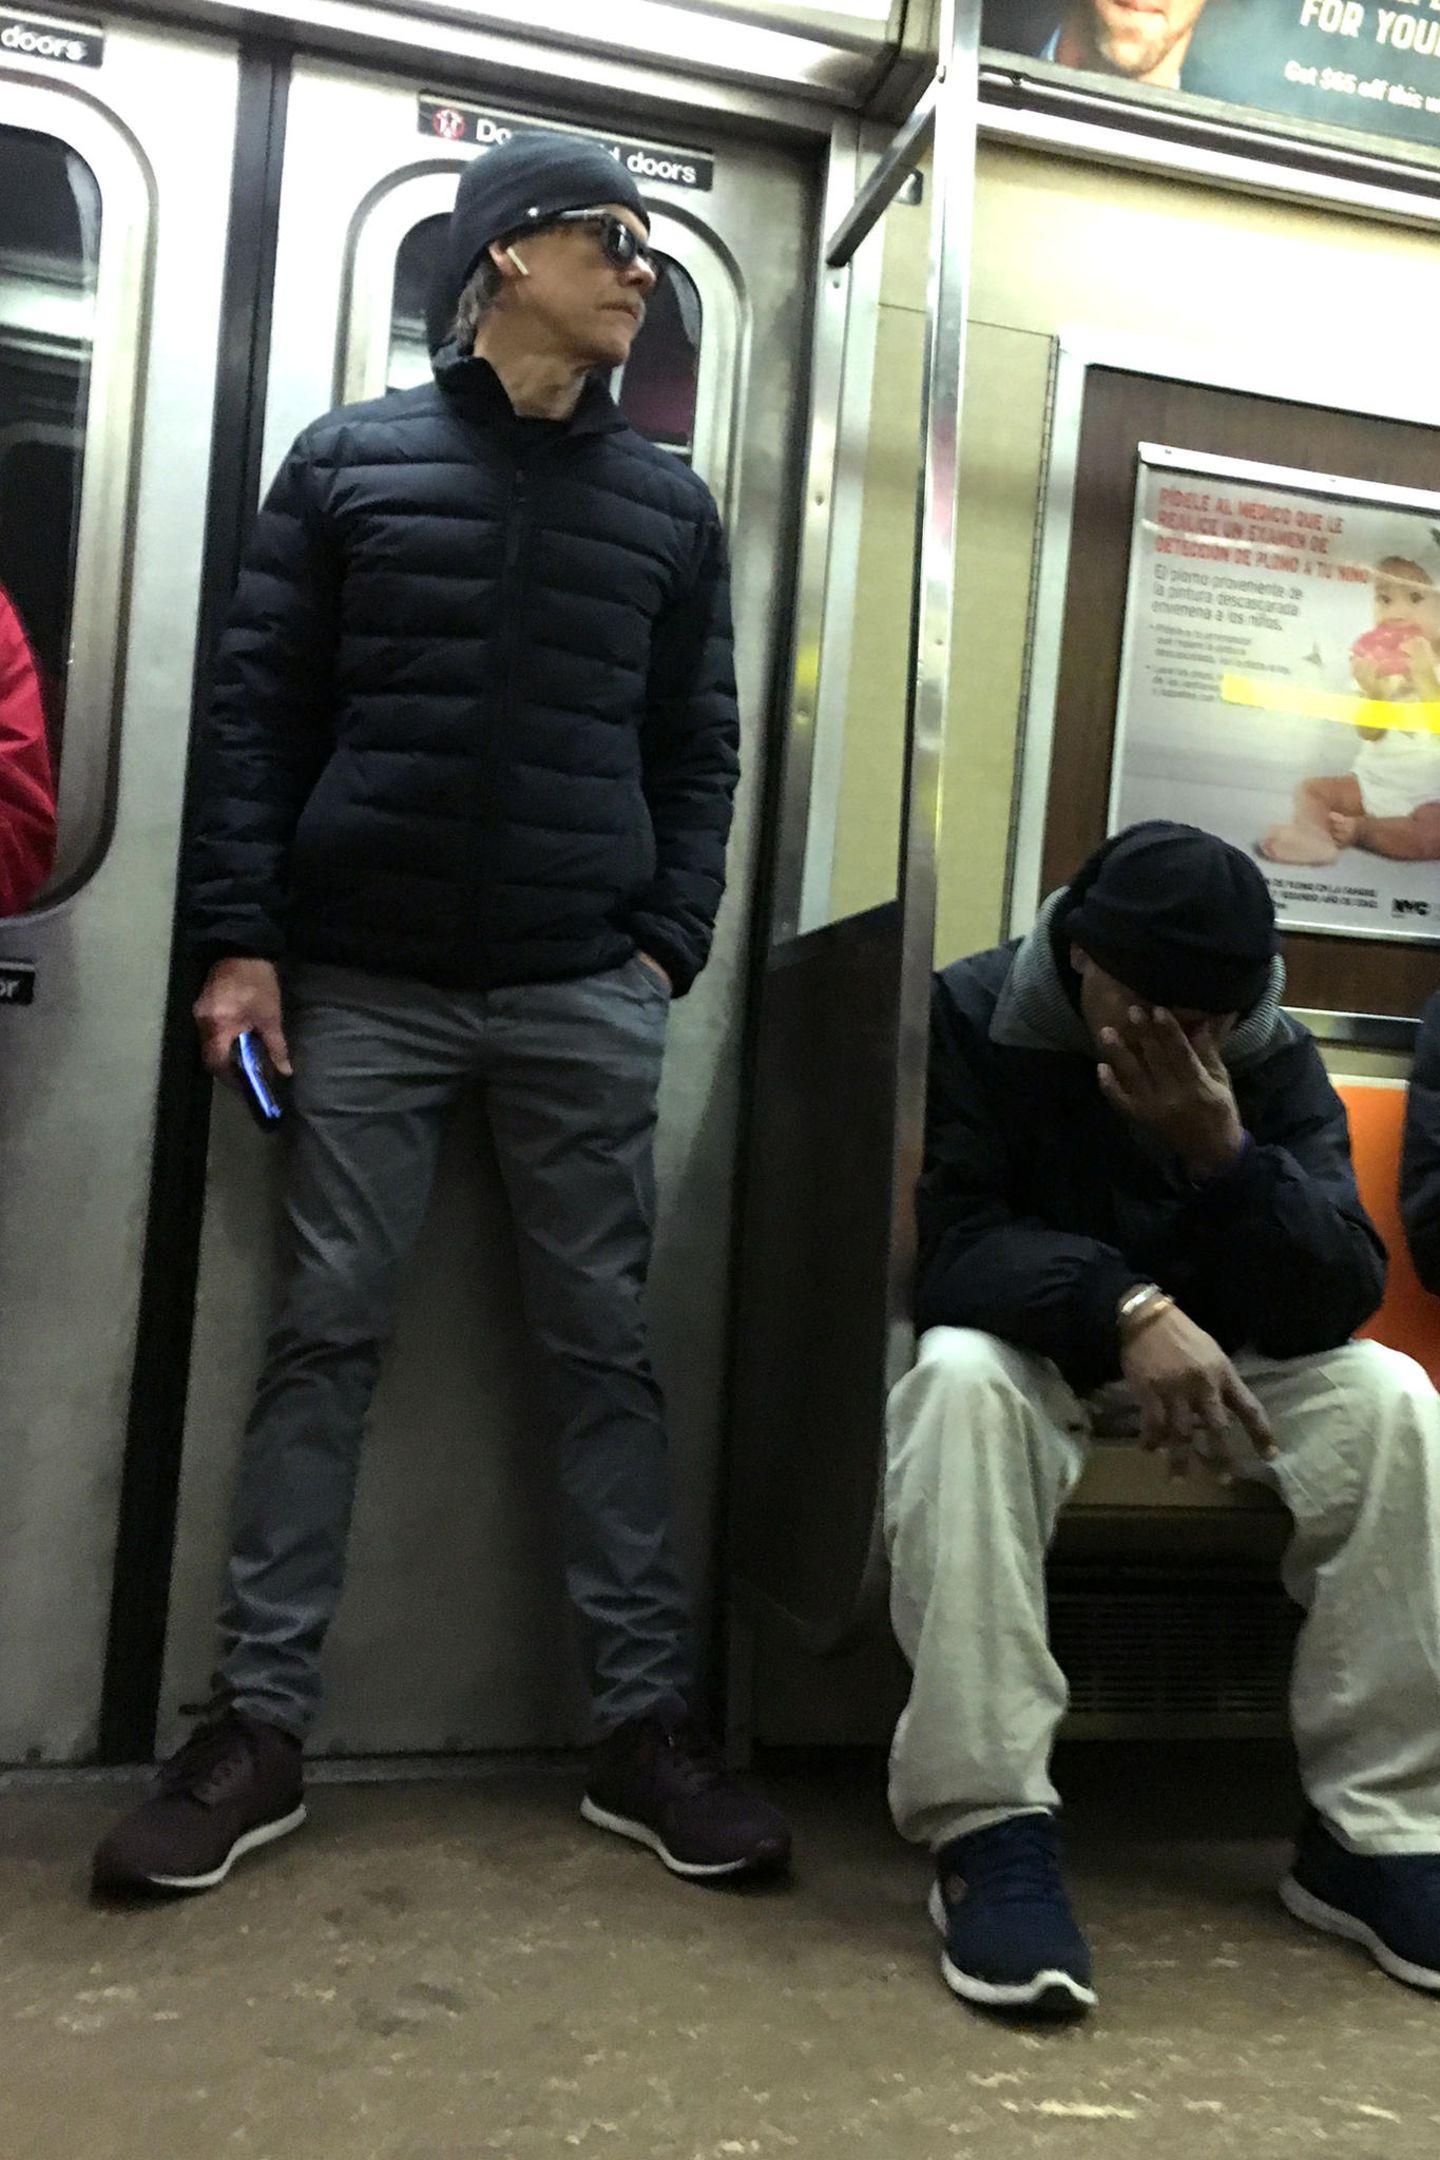 Gut getarnt schleicht sich Hollywoodstar Kevin Bacon in die NYC Subway.Wie aufregend!